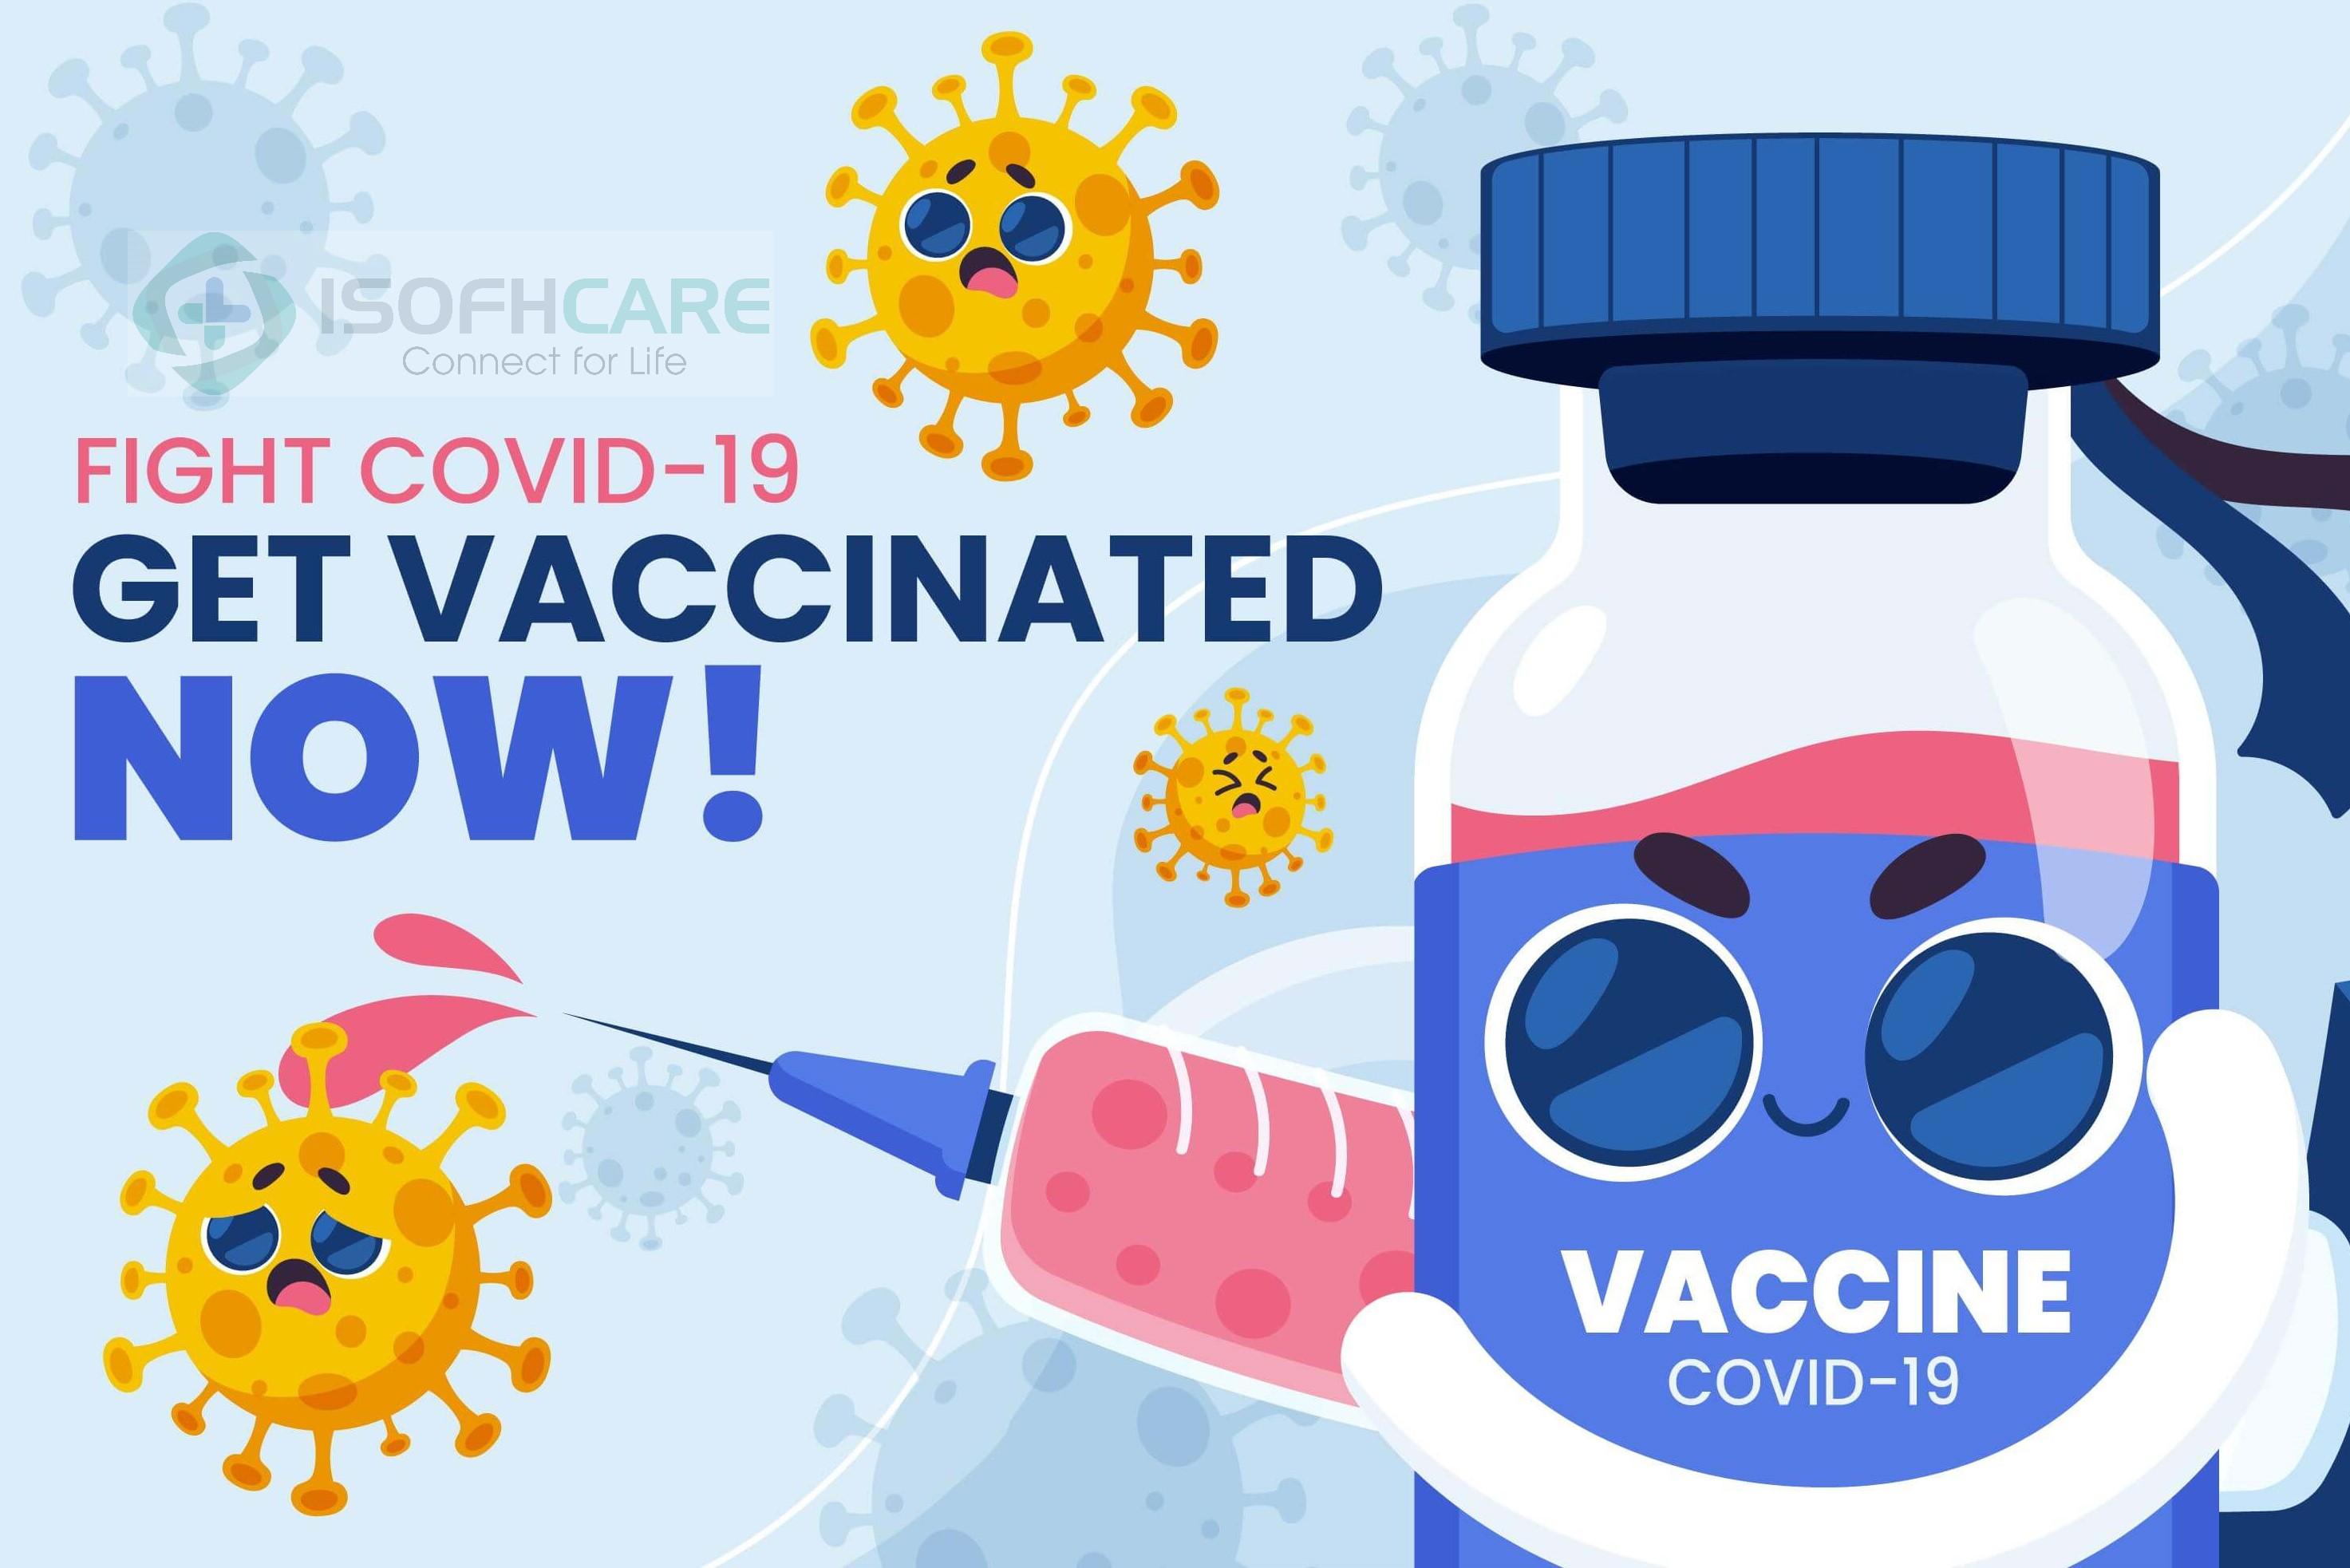 Tiêm vaccine Covid-19 được bảo vệ trong bao lâu?